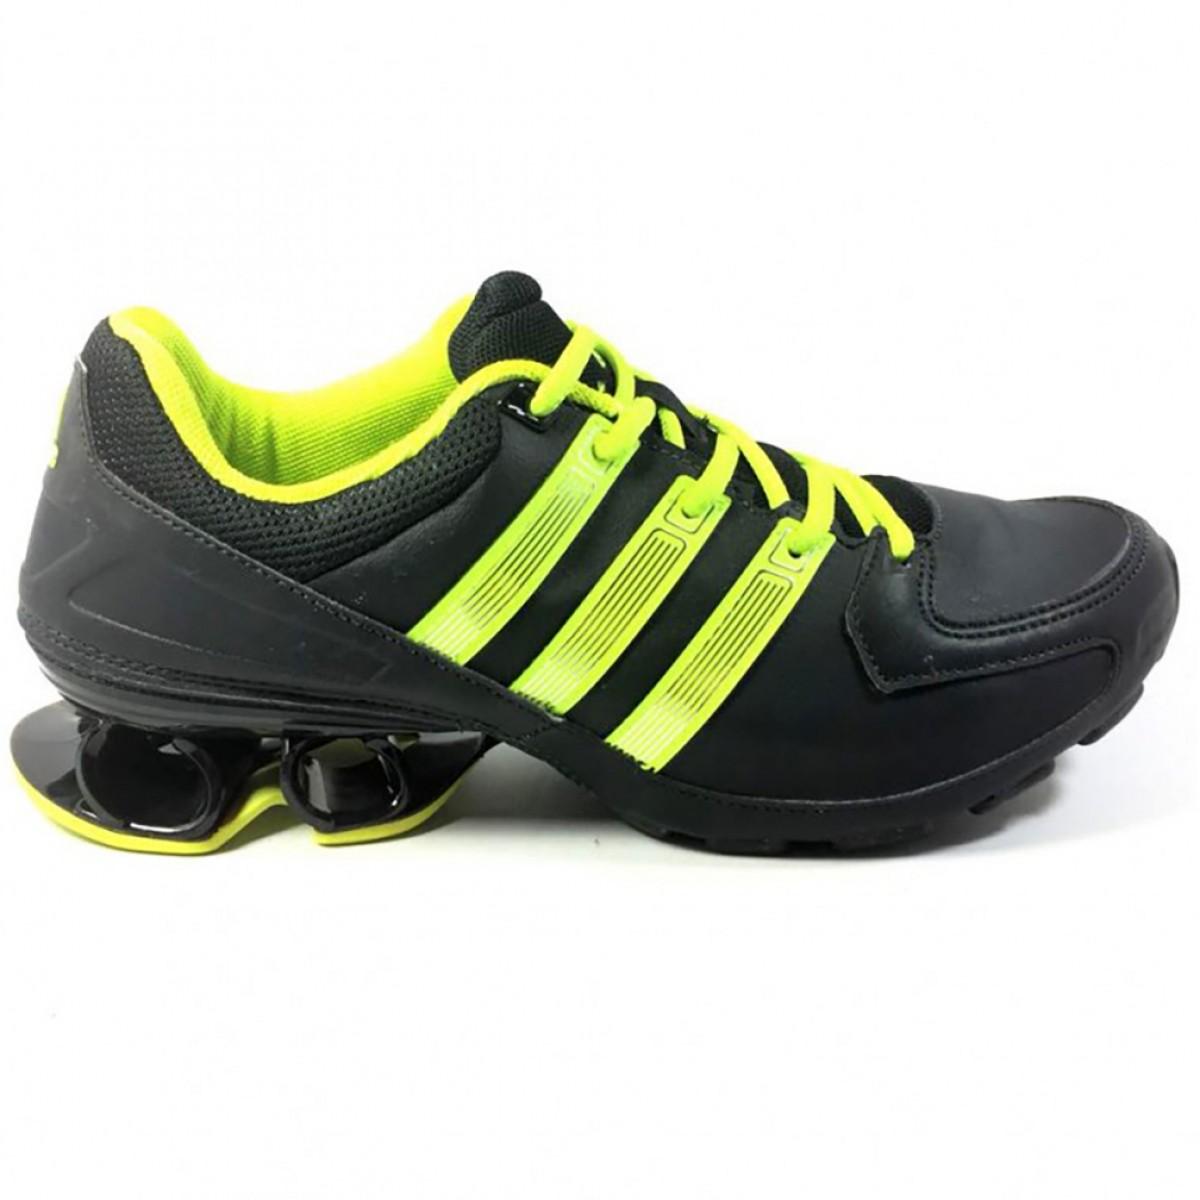 Tênis Masculino Adidas Komet Syn Preto e Verde - Compre Agora ... 4c243bb0d16e4